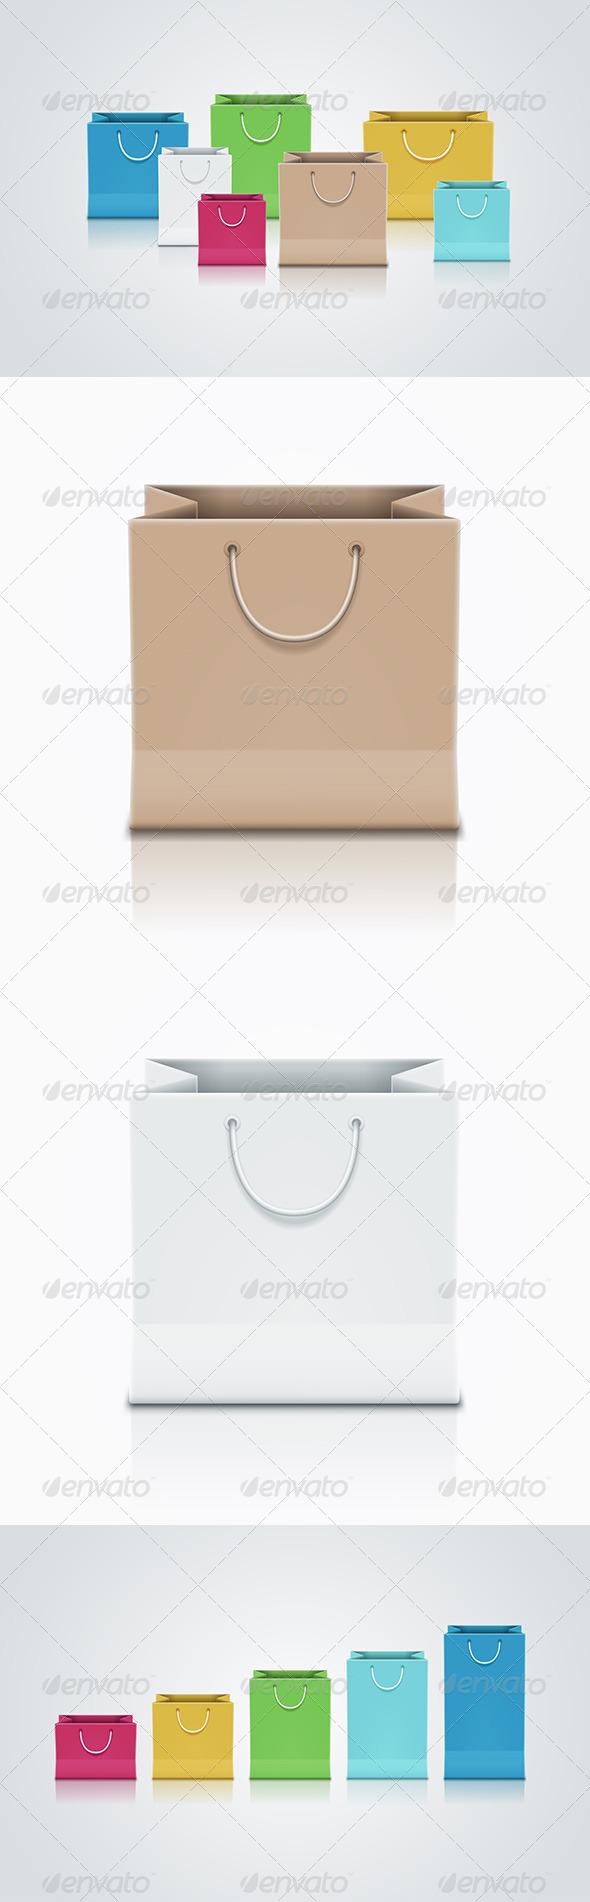 GraphicRiver Paper Bag Set 5433522